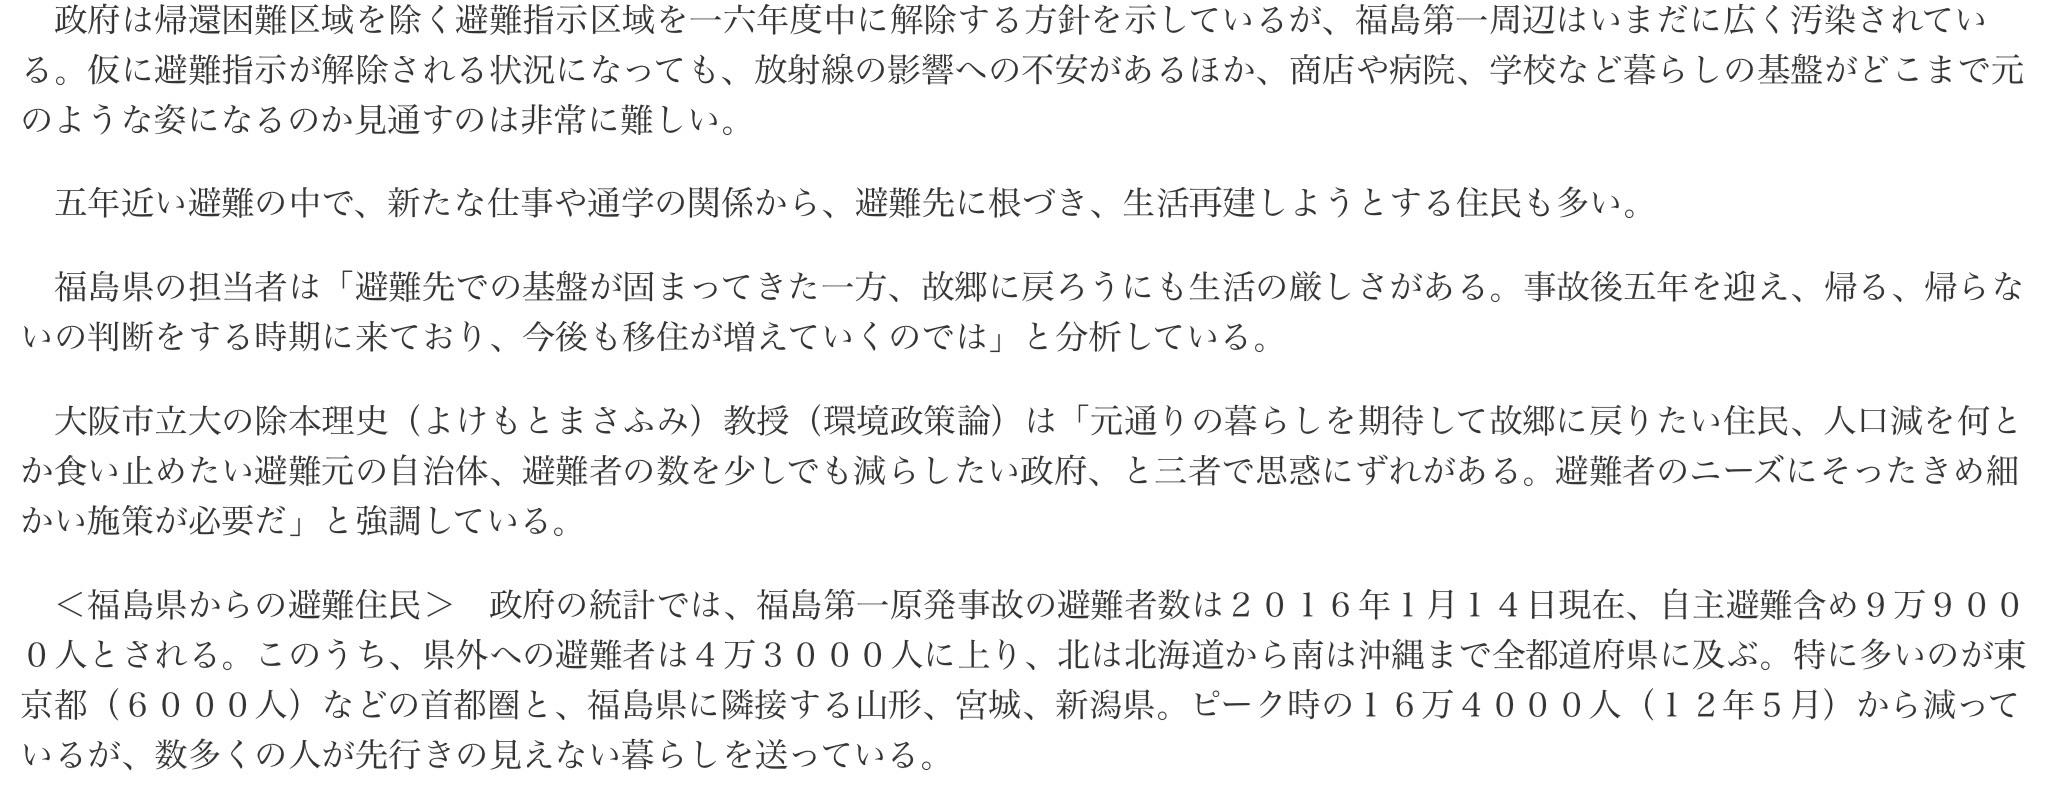 東京新聞の記事___追記あり_a0050728_22244553.jpg